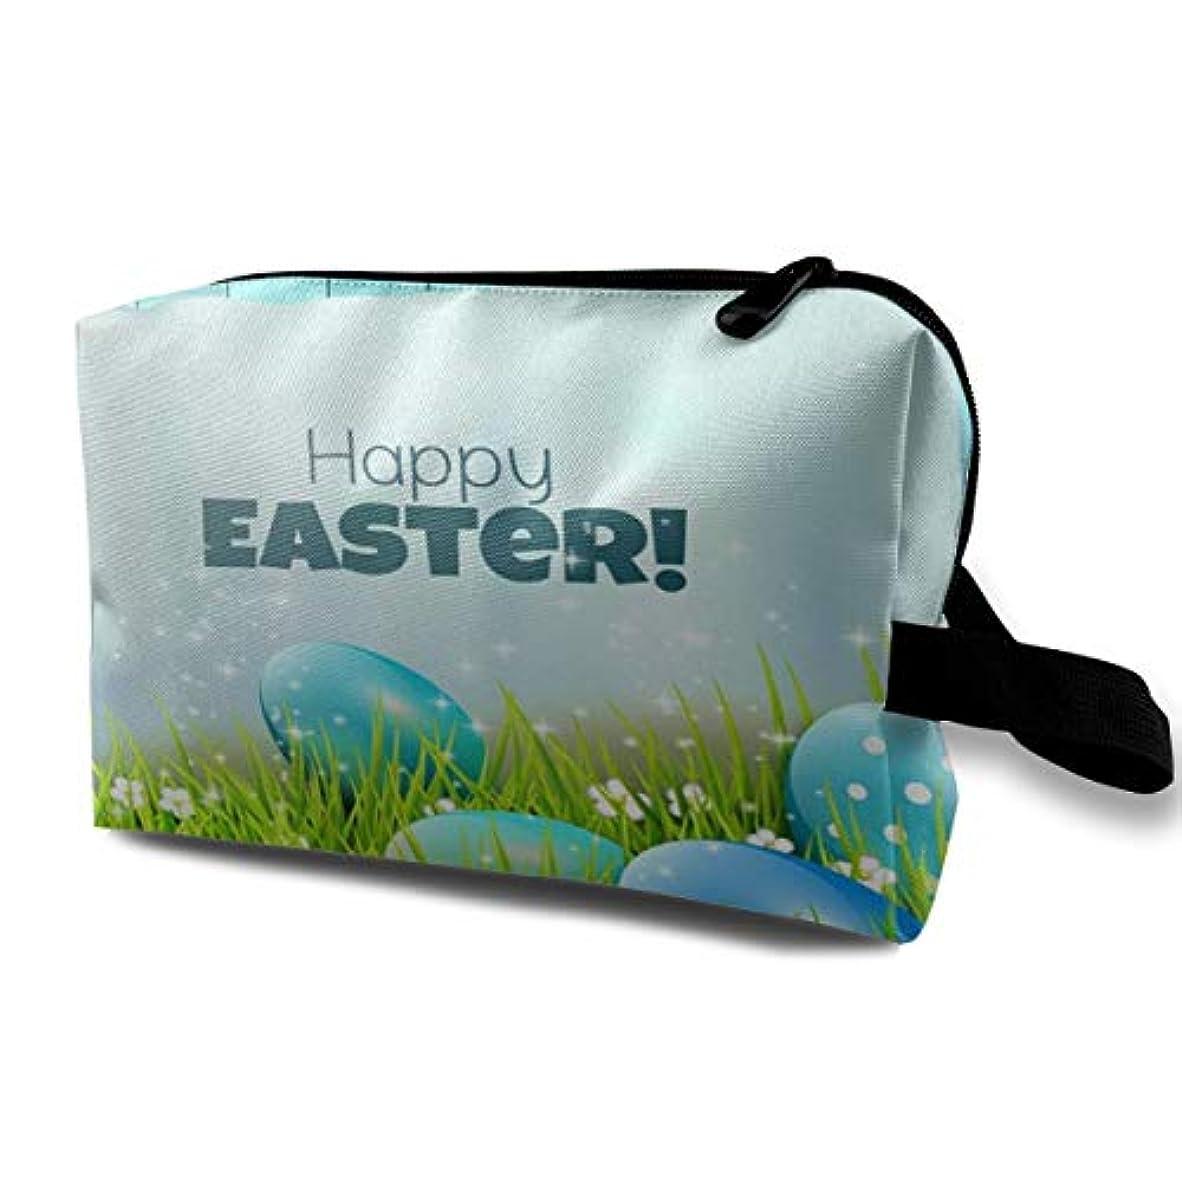 粘液抜本的な器具Happy Easter Colorful Eggs Sea Blue 収納ポーチ 化粧ポーチ 大容量 軽量 耐久性 ハンドル付持ち運び便利。入れ 自宅?出張?旅行?アウトドア撮影などに対応。メンズ レディース トラベルグッズ